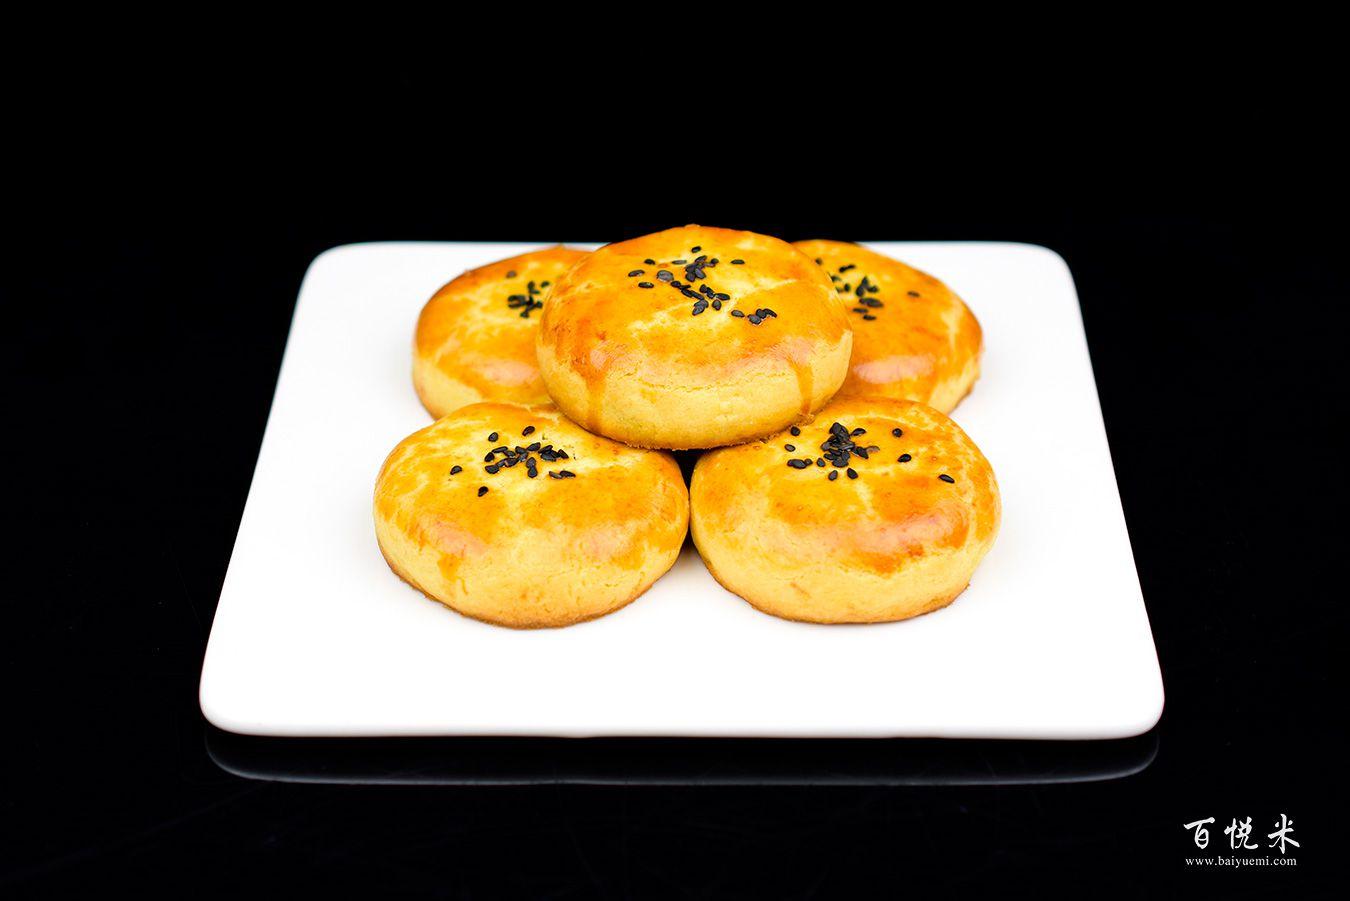 红豆酥高清图片大全【蛋糕图片】_599